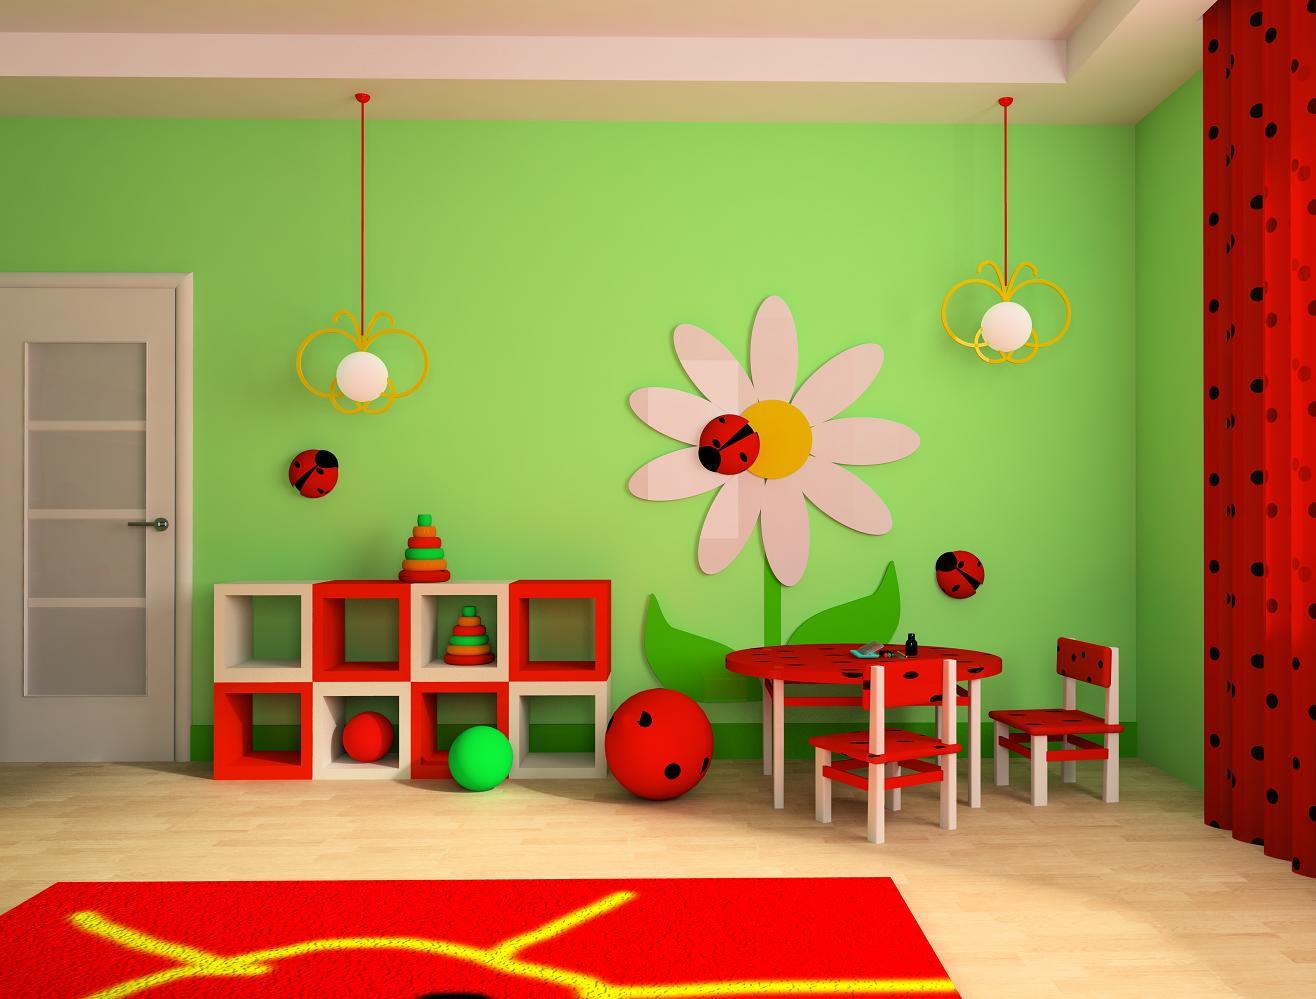 Оформление игровой комнаты детском саду